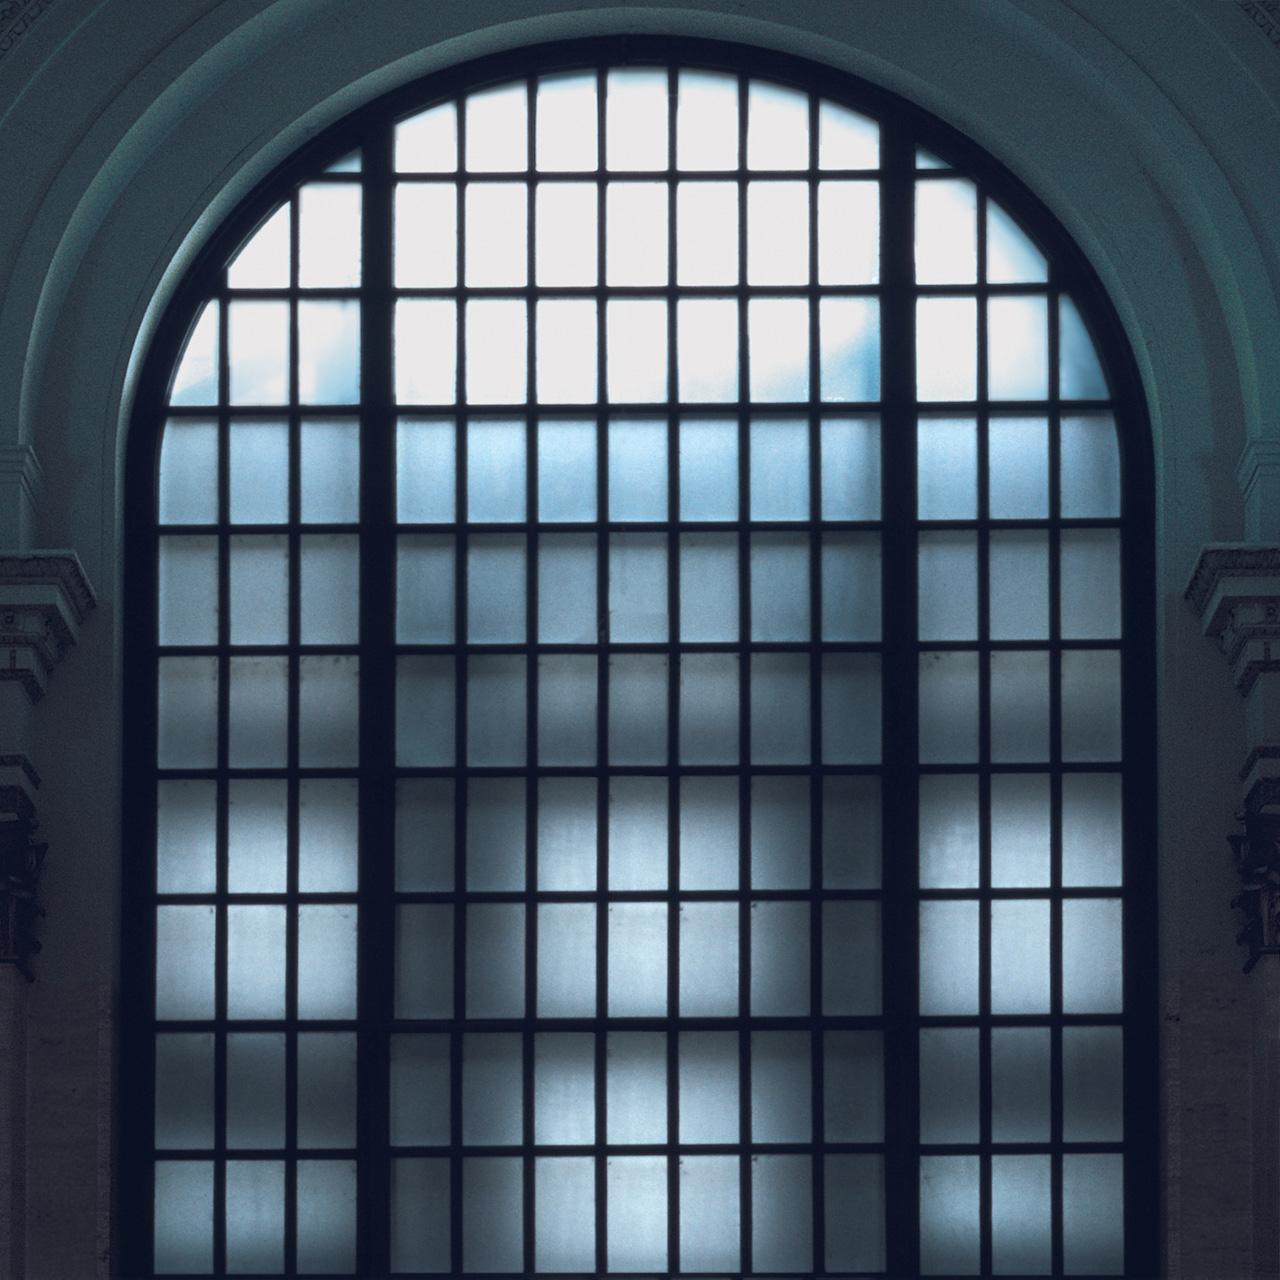 Glass: Arch (Chicago) 2002 Druckfläche 83cm x 83 cm  Gerahmt 120 h x 118 b Nummer 5/8 Limitierte Auflage von 8   Euro 3.400 gerahmt Archival Ink Print; Sommerset Fine Art Papier